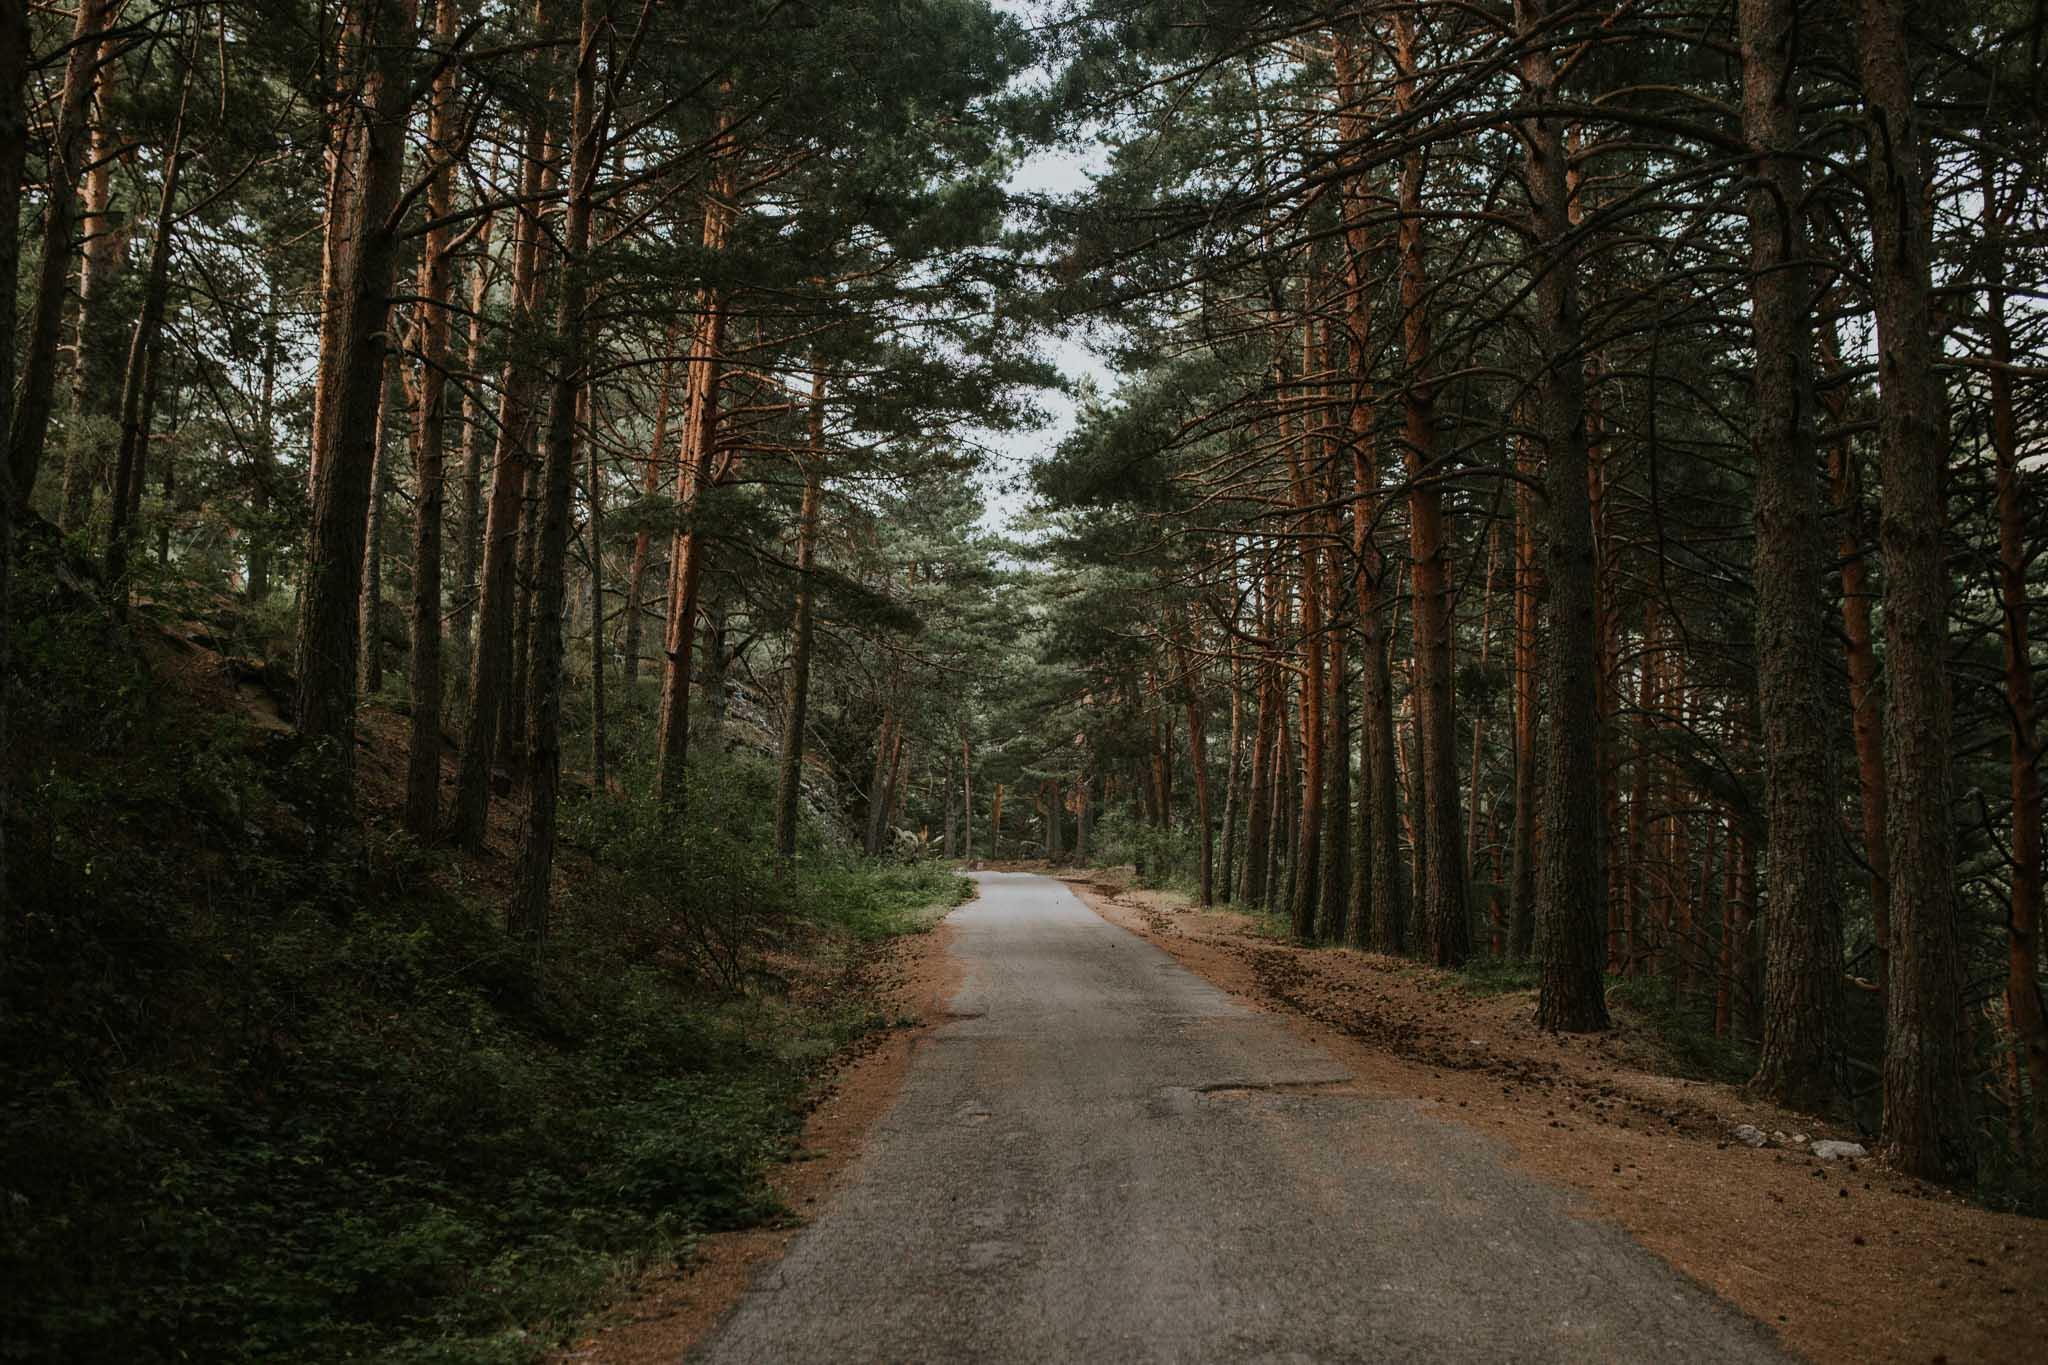 Fotografia pareja bosque 52 Concorazon